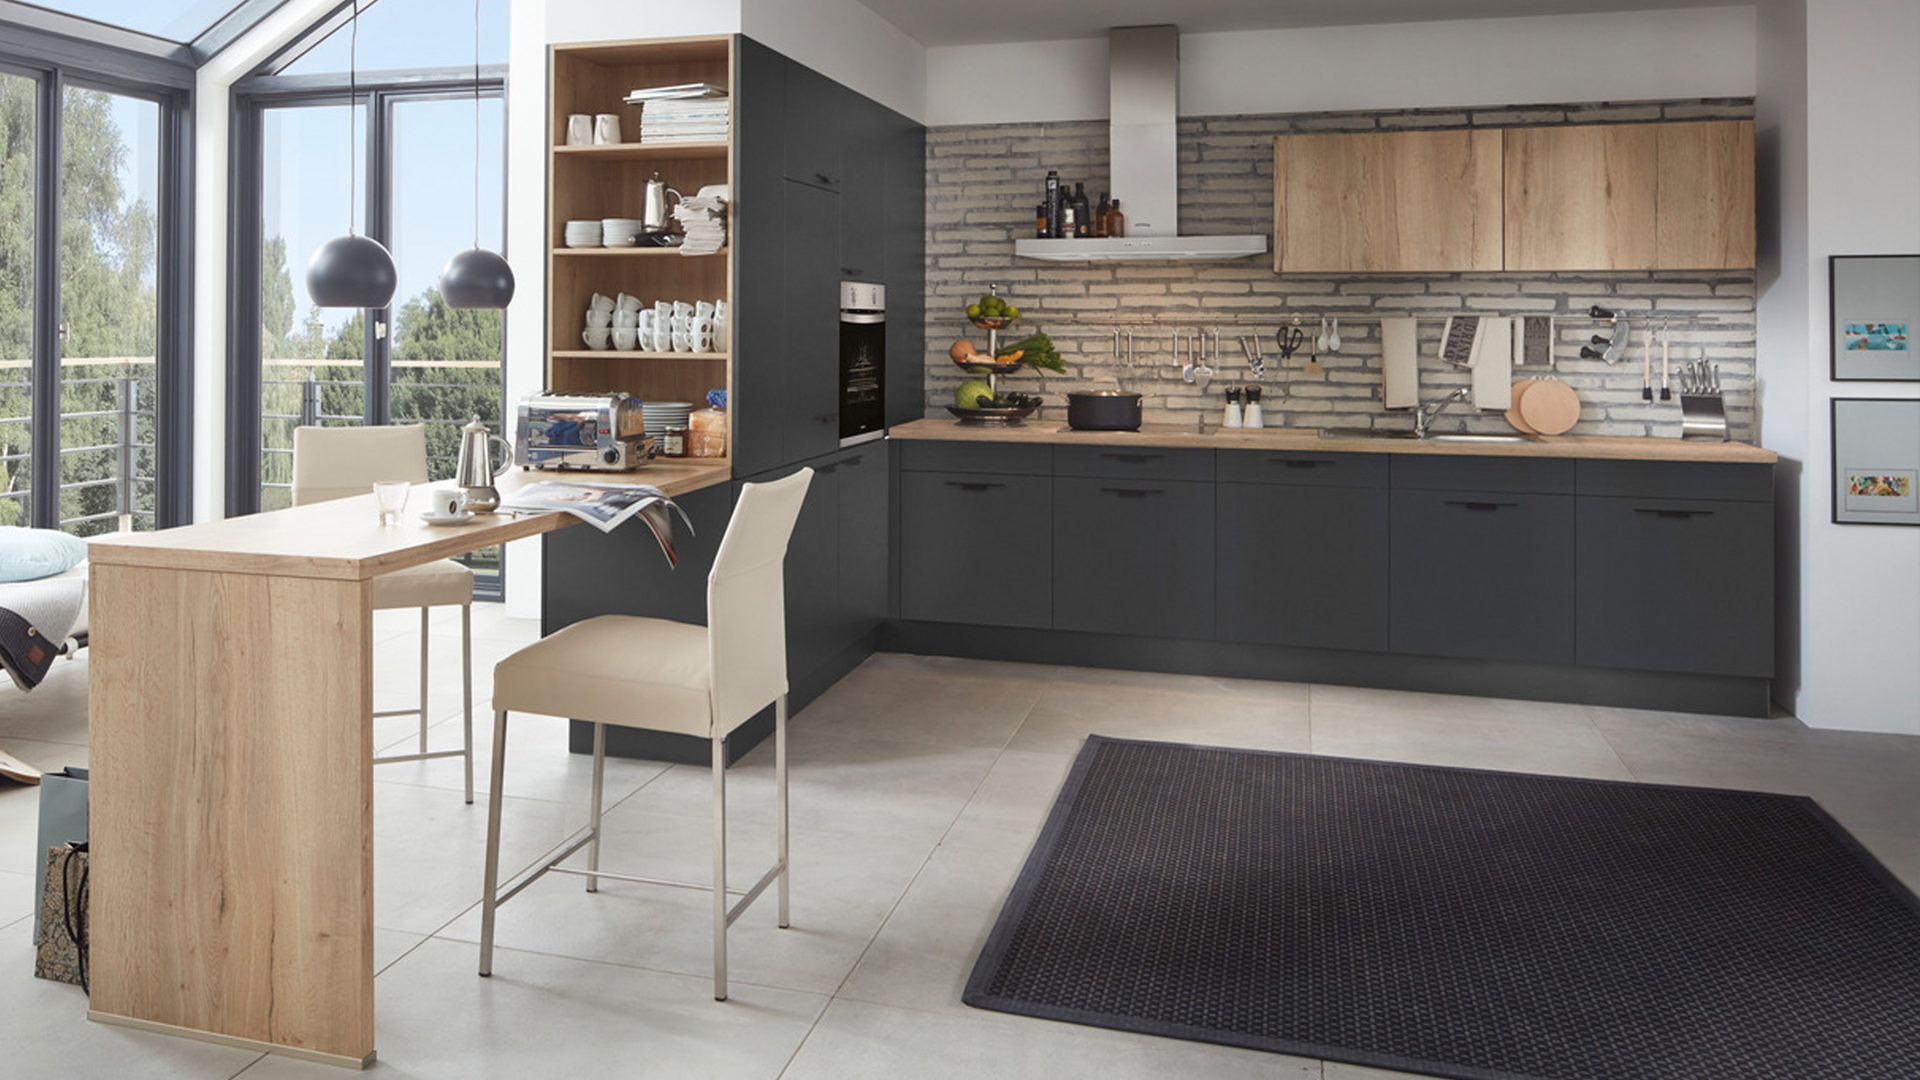 Schüller Küchen Arbeitsplatten wohnland breitwieser , möbel a-z, küchen, einbauküchen, einbauküche